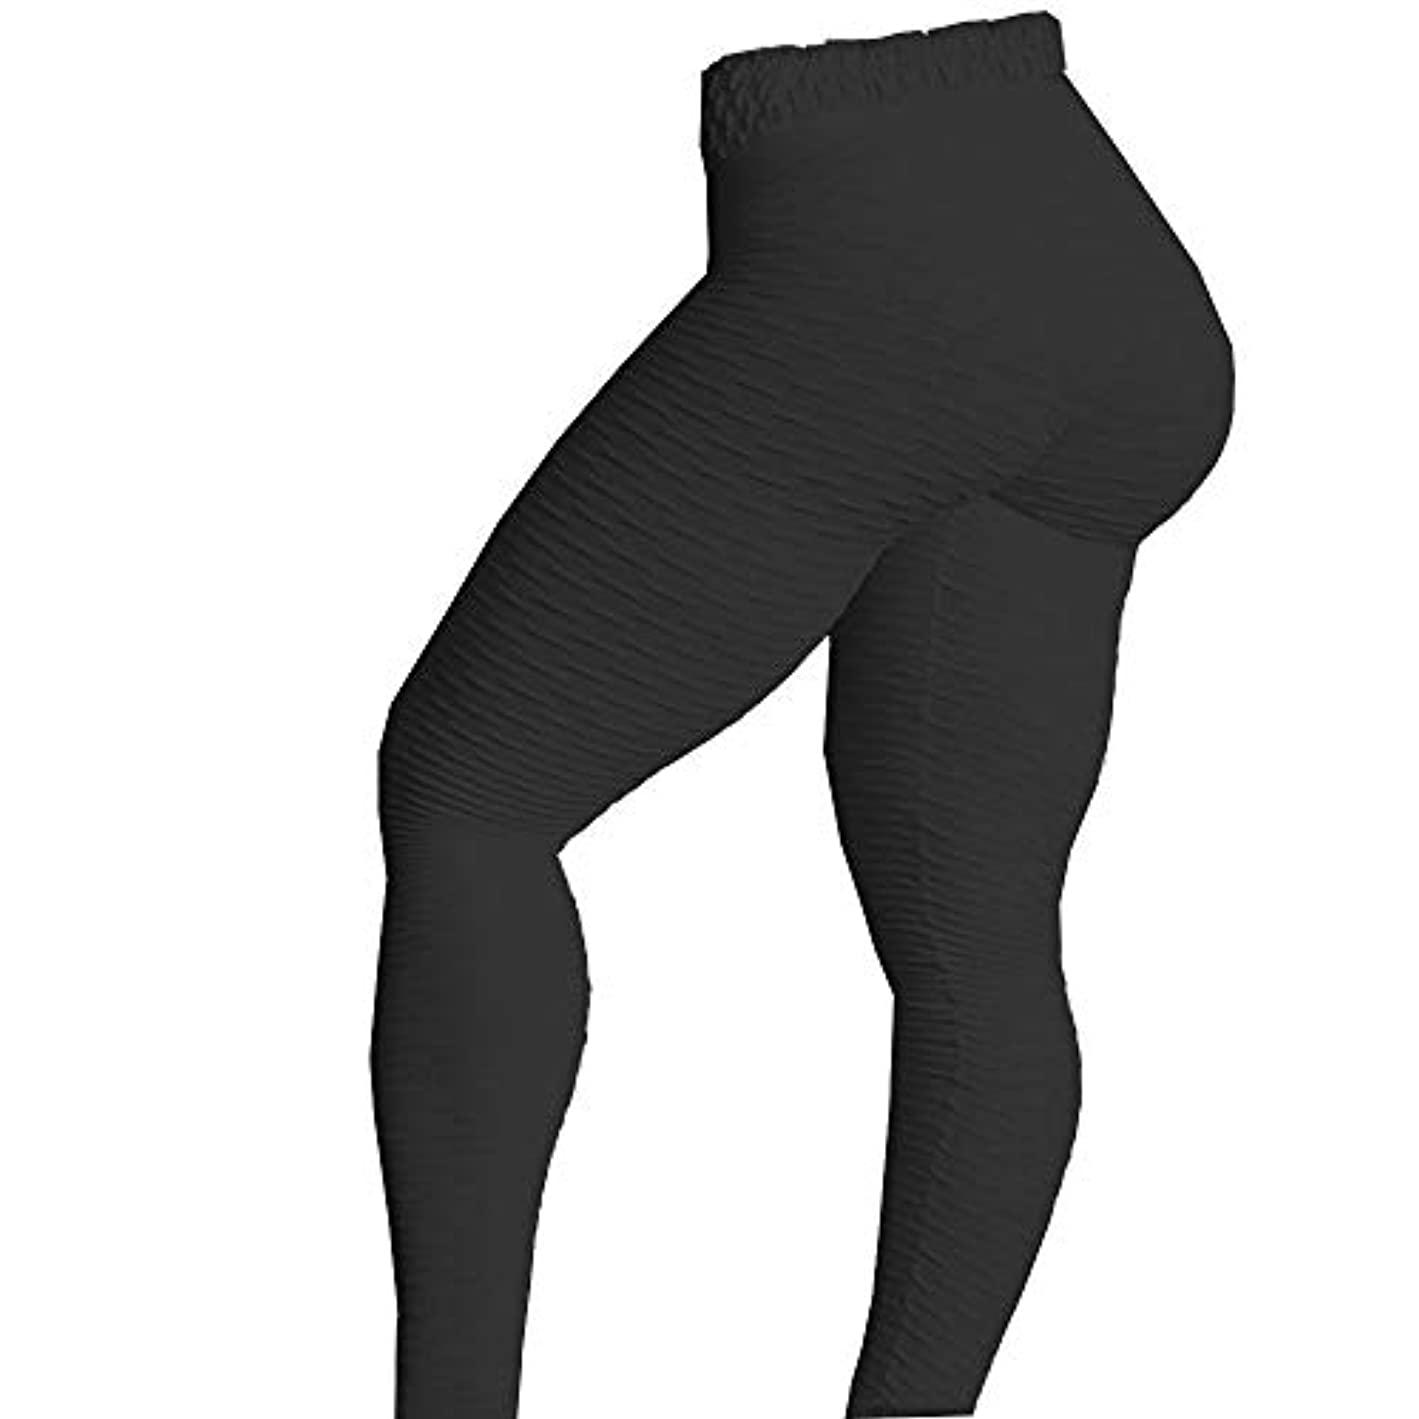 ボックス安定しましたジェムMIFAN パンツ女性、ハイウエストパンツ、スキニーパンツ、ヨガレギンス、女性のズボン、ランニングパンツ、スポーツウェア